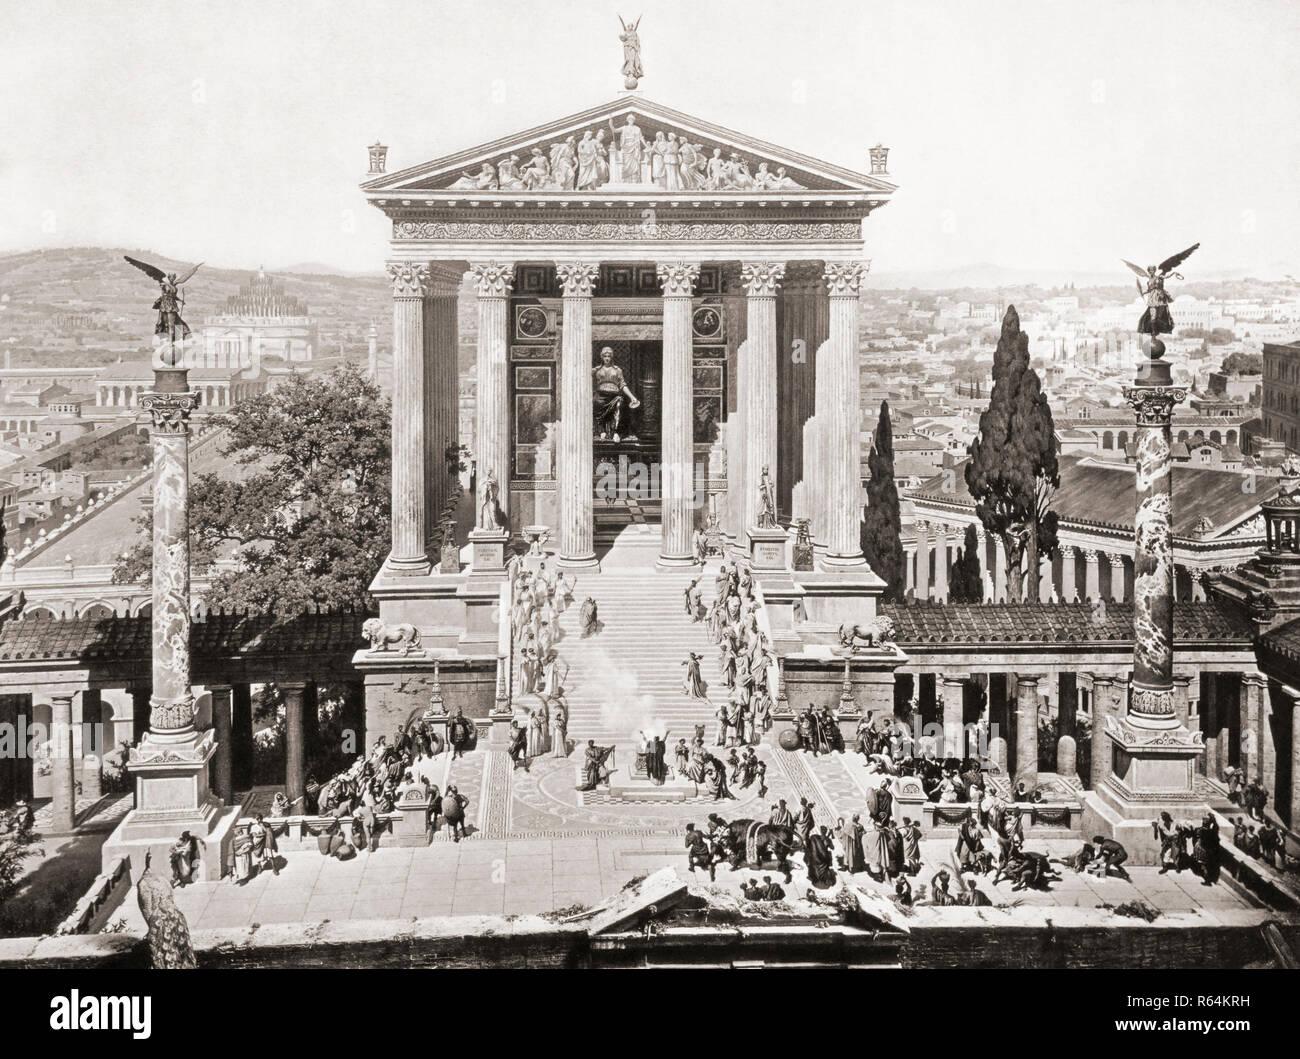 Der Tempel der Juno Moneta, da es in Rom 312 AD erschienen sind. Nach einem Abschnitt über einen Panoramablick auf die Malerei von Rom erstellt von Professor J. Bühlmann und Alexander Wagner und im leporello veröffentlicht, oder fold-out, Buch in München, 1892, betitelt das Alte Rom mit dem triumphzuge Kaiser Constantin im Jahre 312 Stockbild